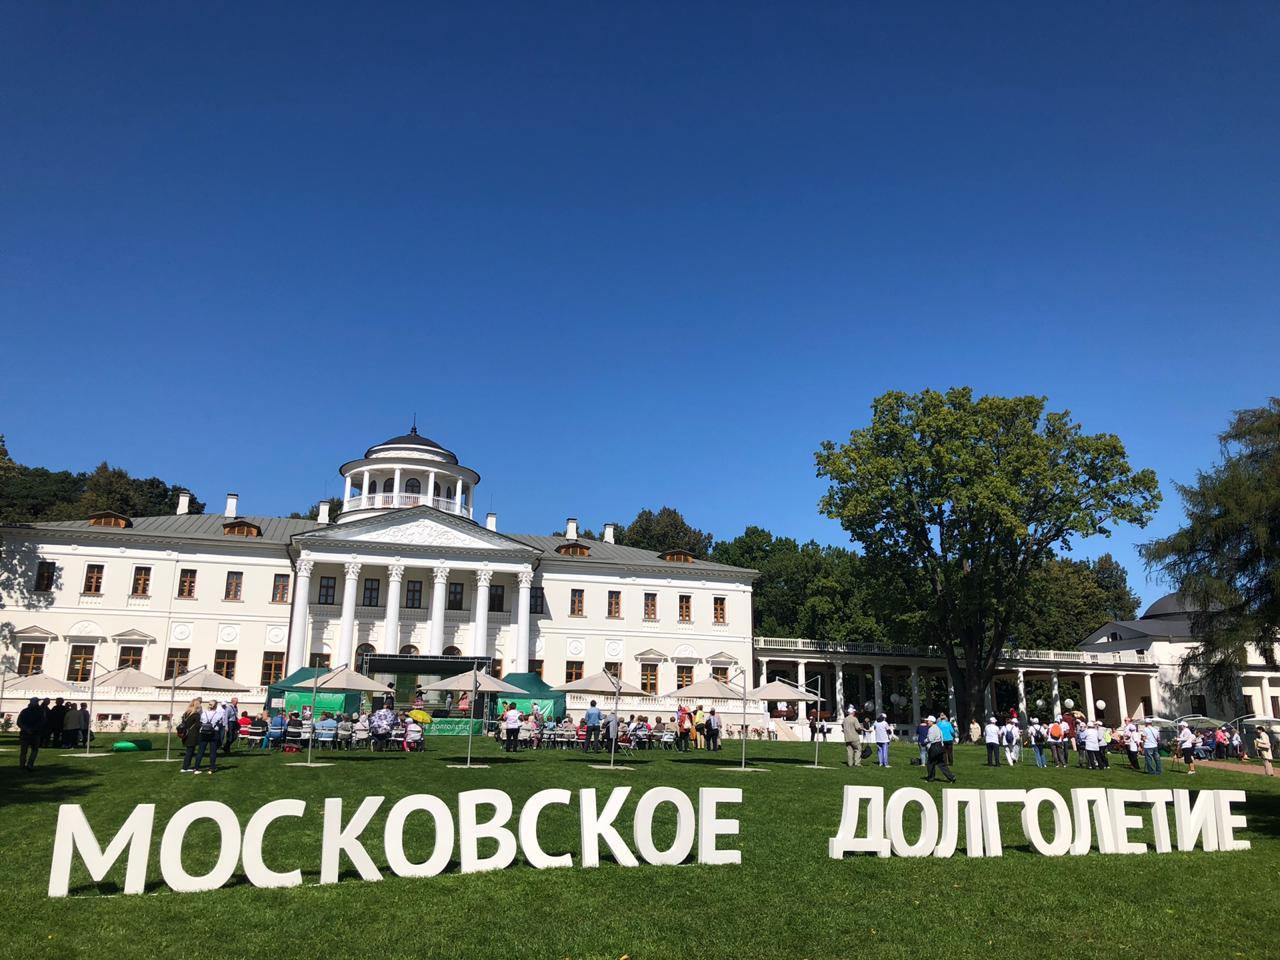 Фестиваль для представителей старшего поколения организовали в селе Остафьево